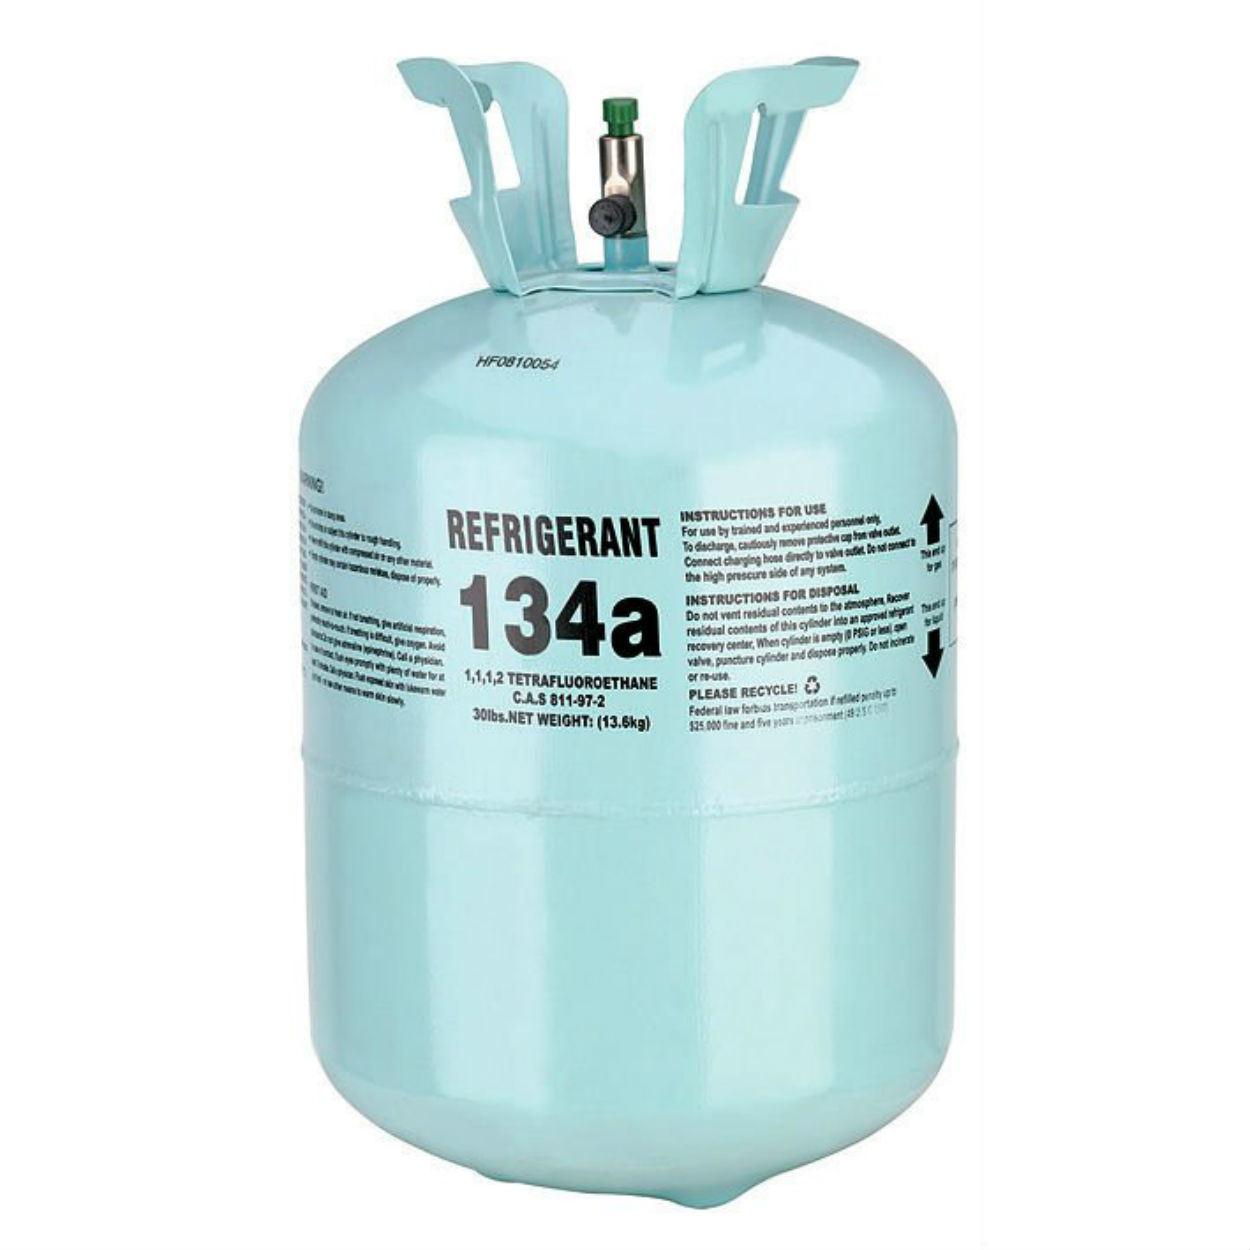 R-134a gas cylinder